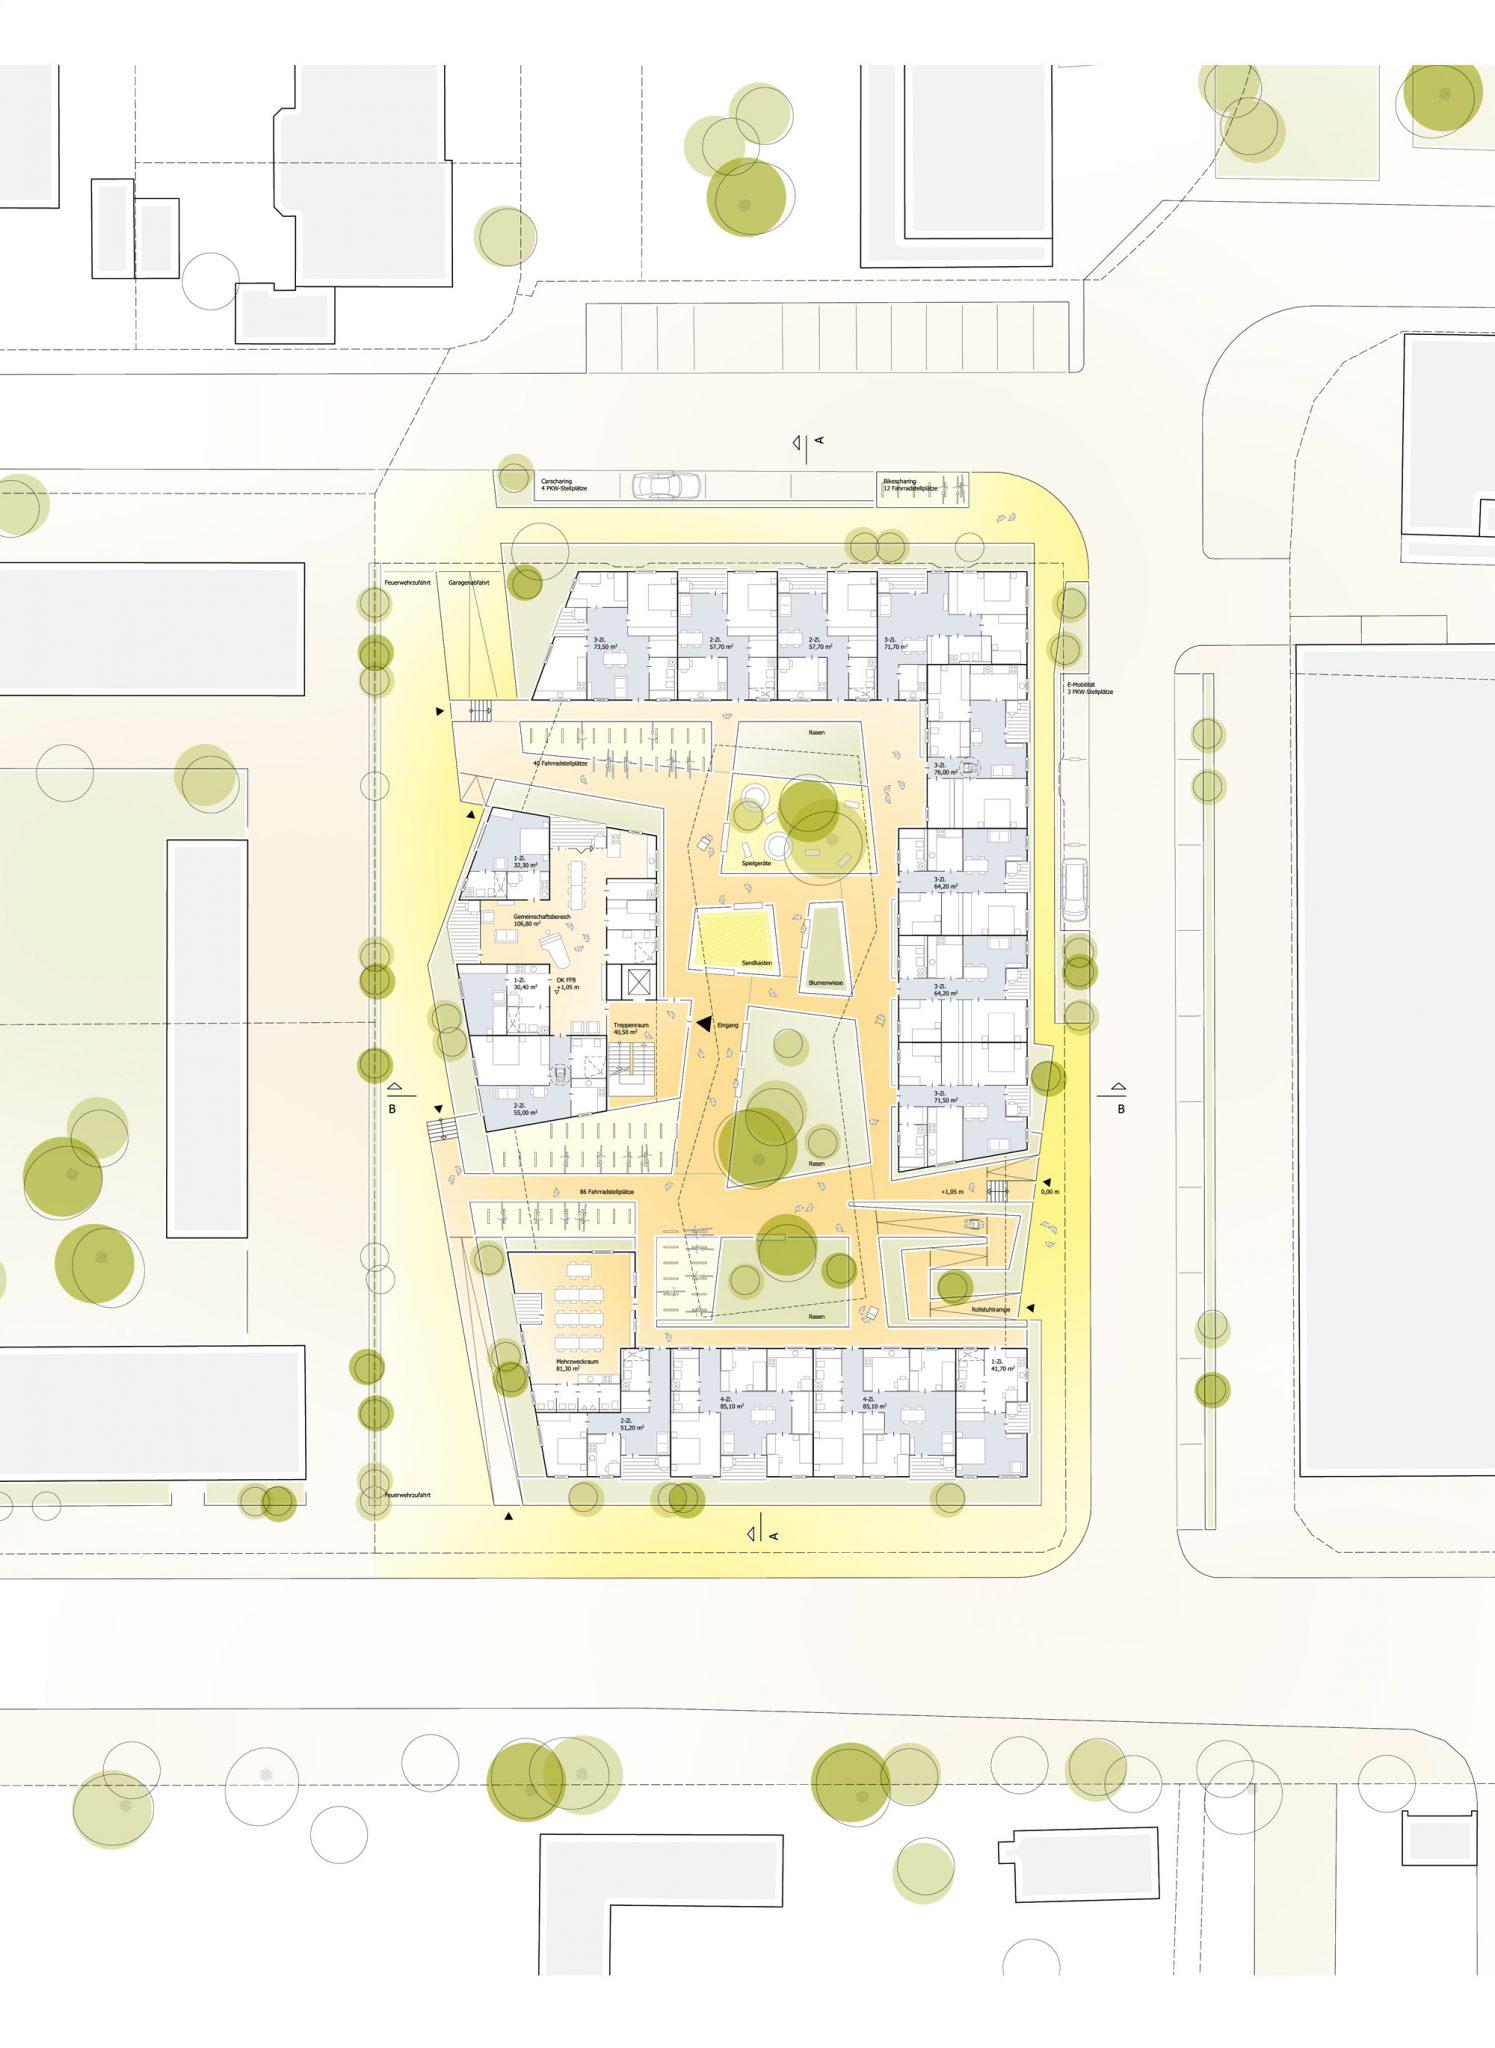 Erdgeschoss Grundriss für ALN-Beitrag beim Landshut Wettbewerb Bürgerblock